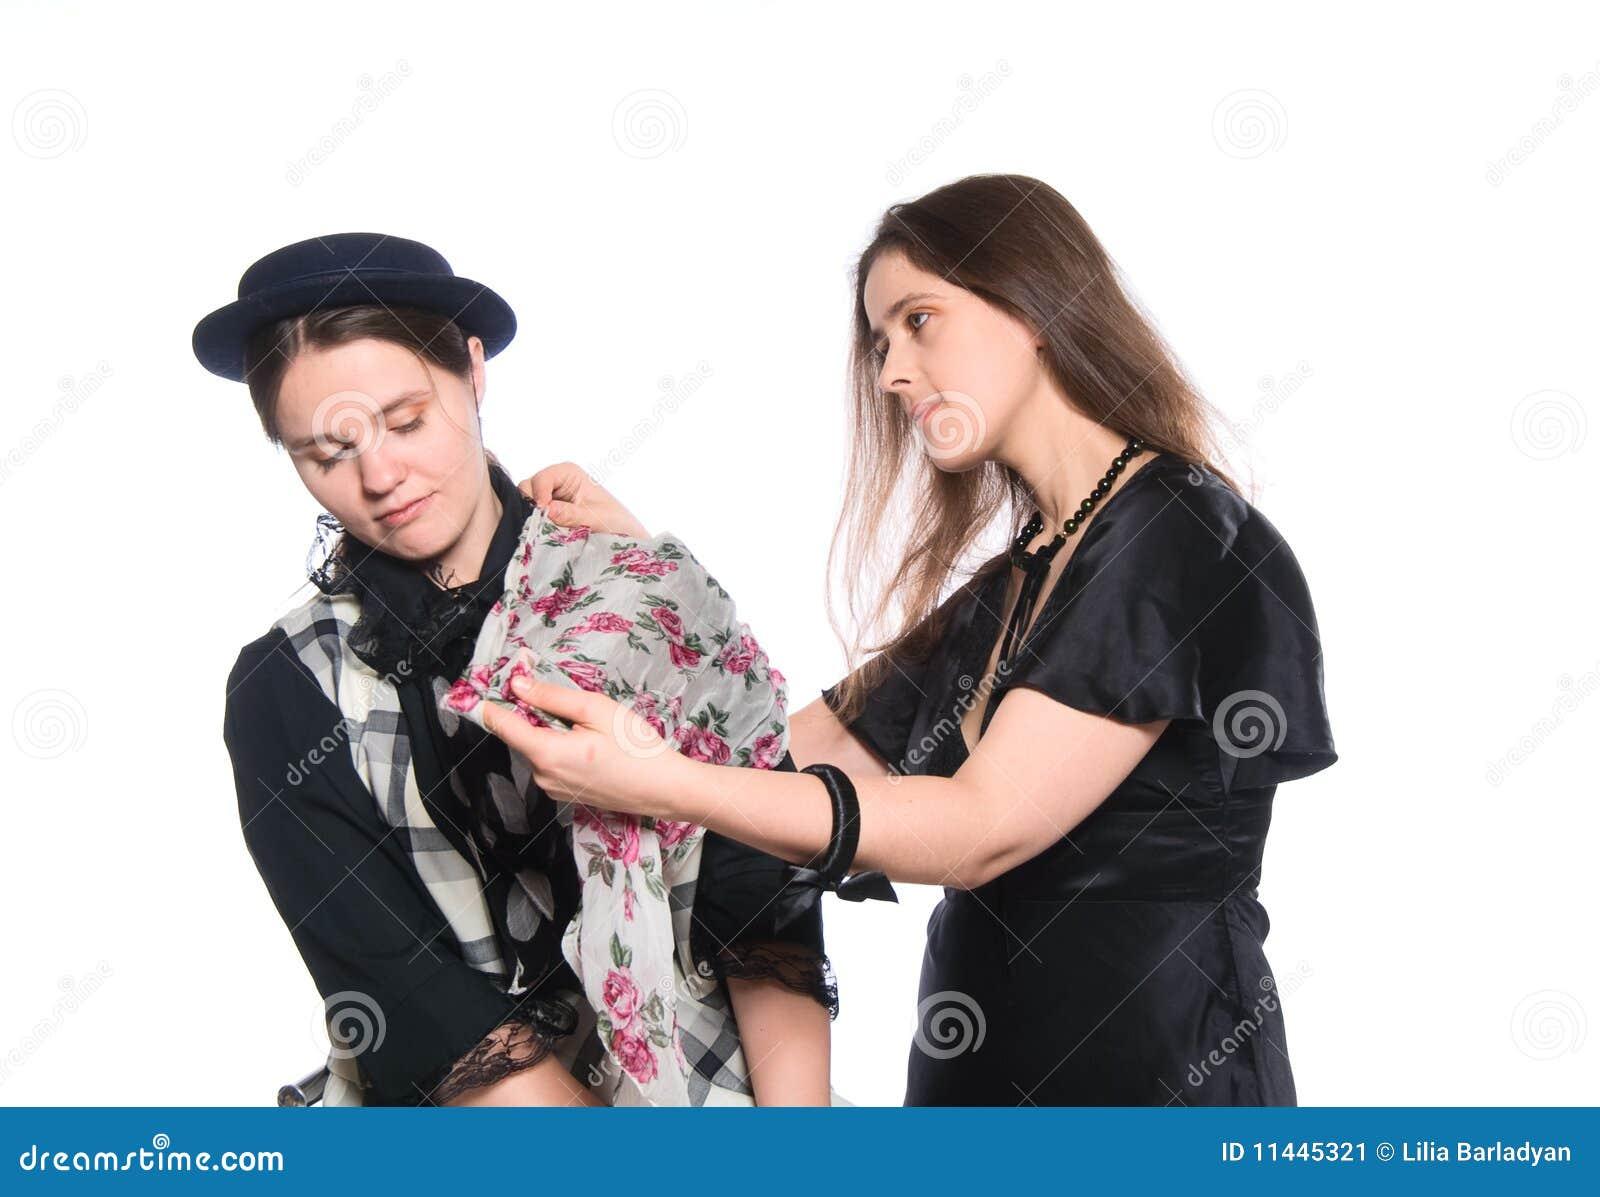 Råda en annan klänning som ger hur en till kvinnan